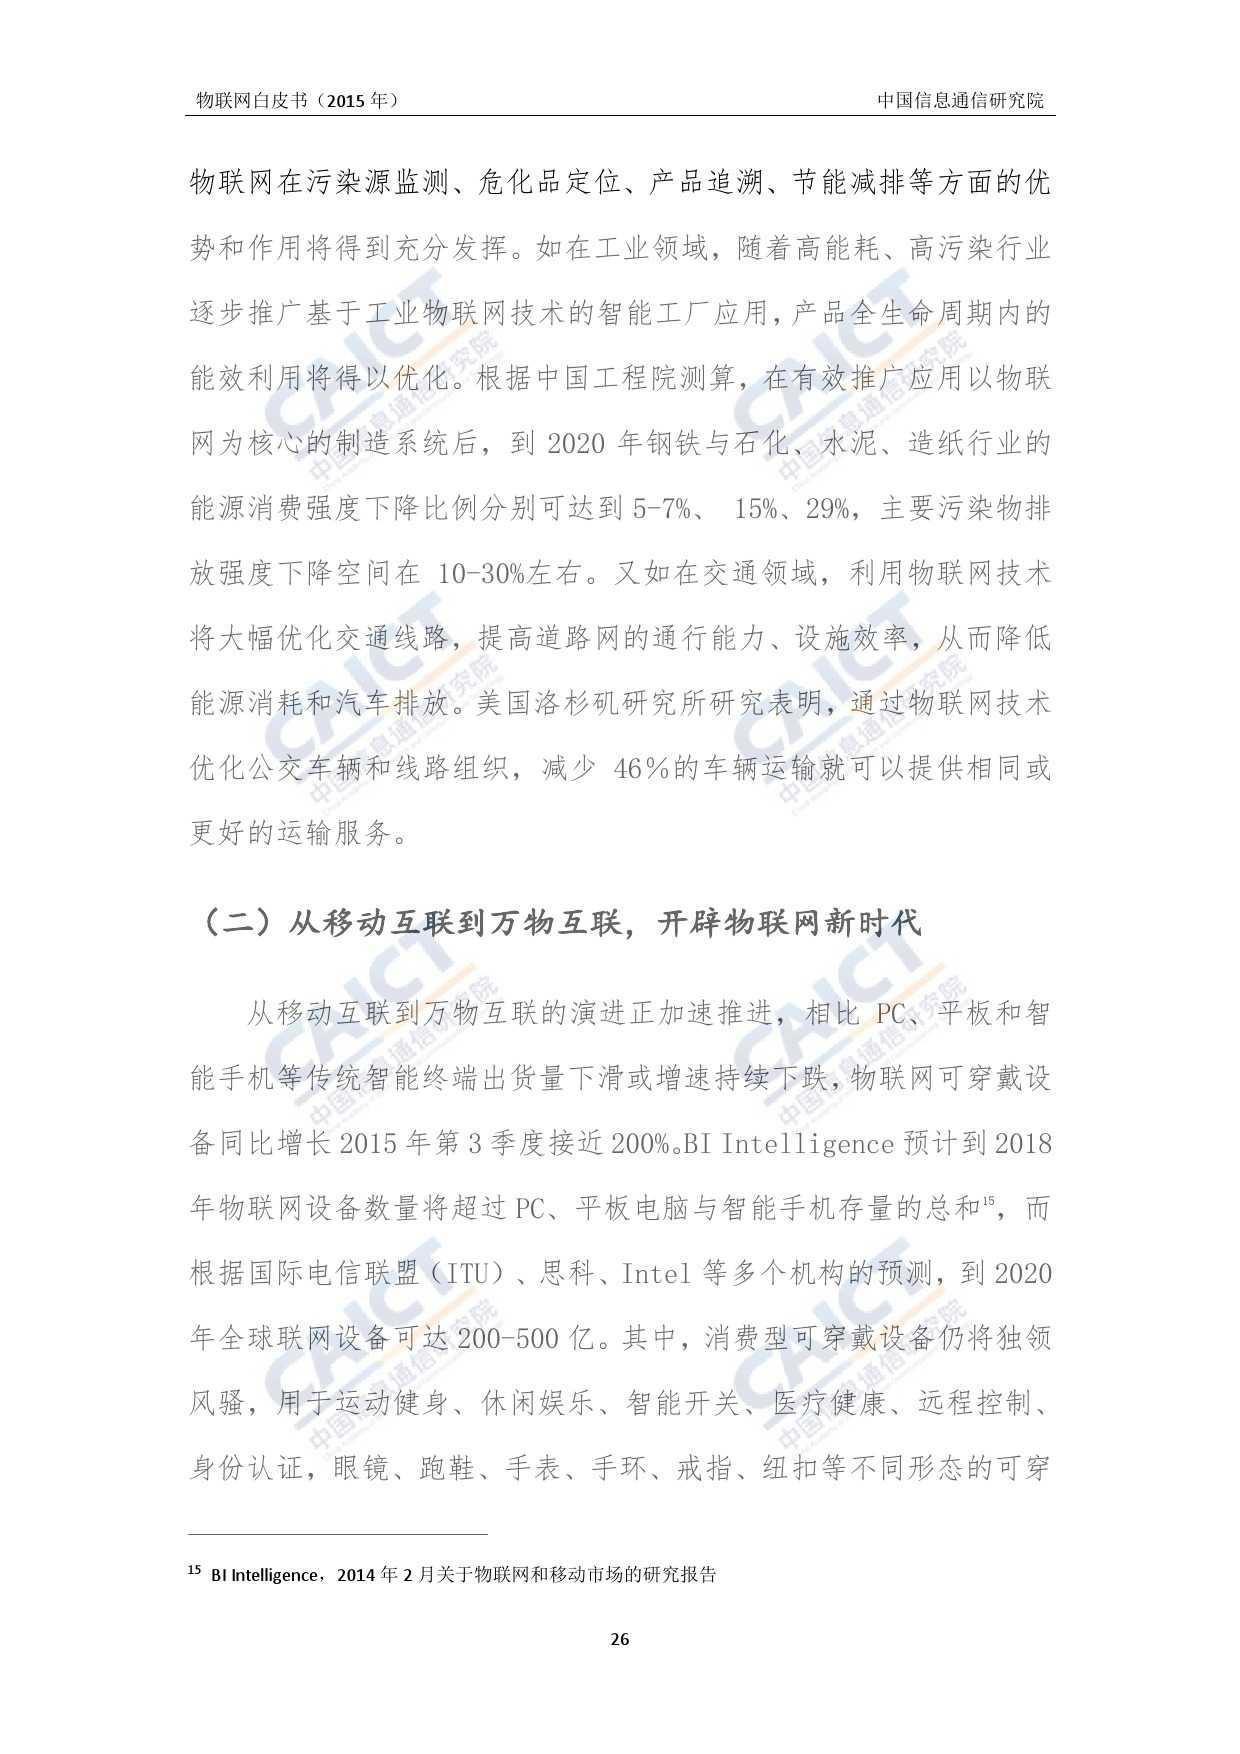 中国信息通信研究院:2015年物联网白皮书_000030